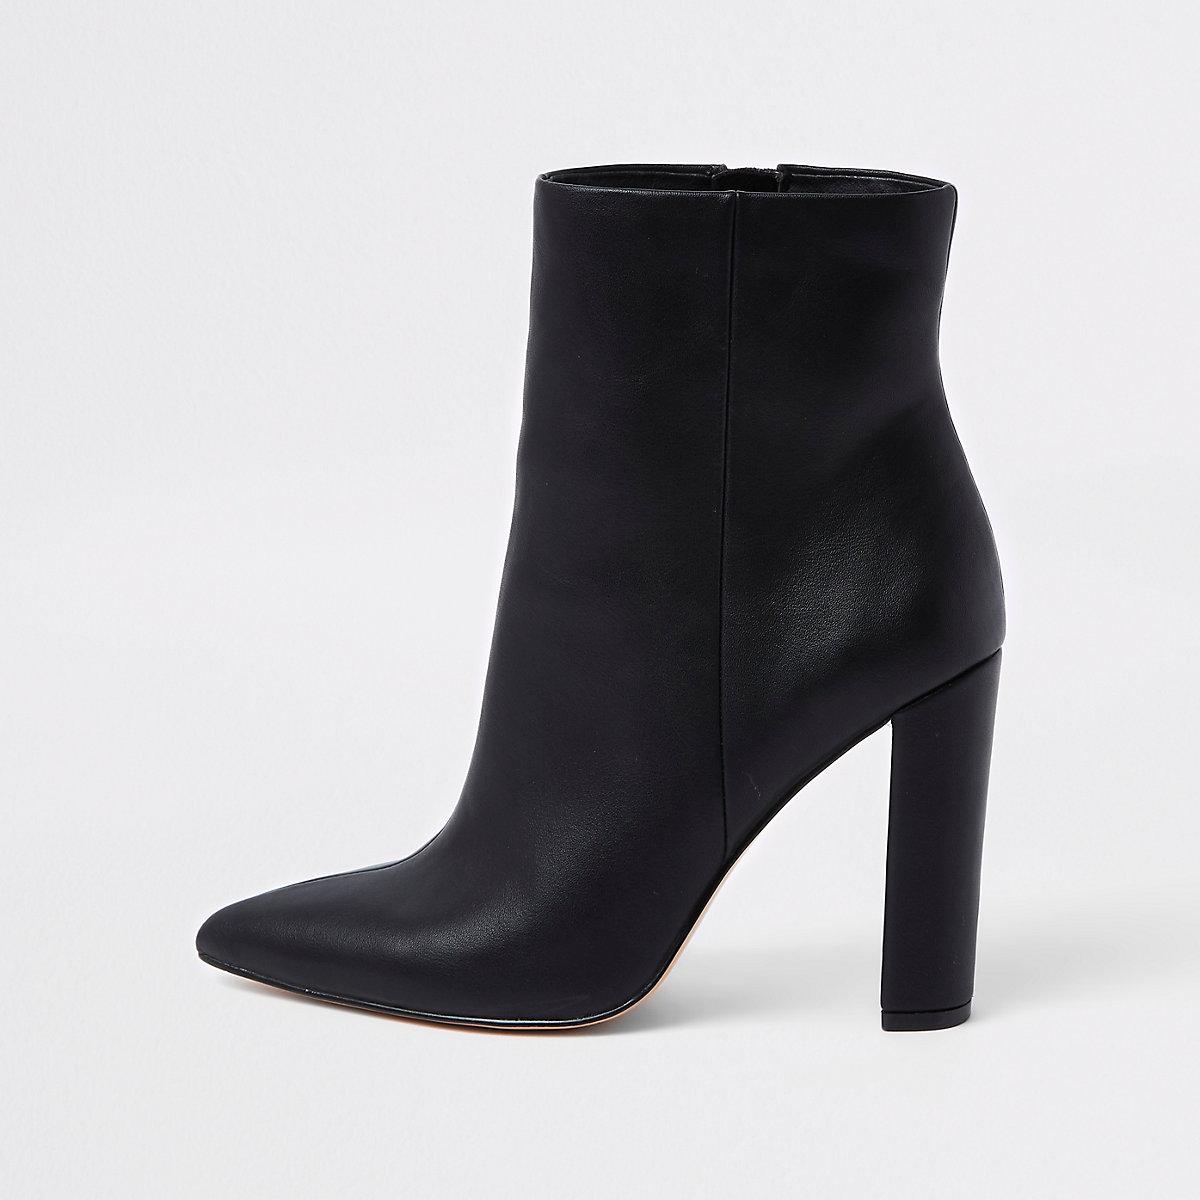 Schwarze Stiefel mit Blockabsatz und weiter Passform